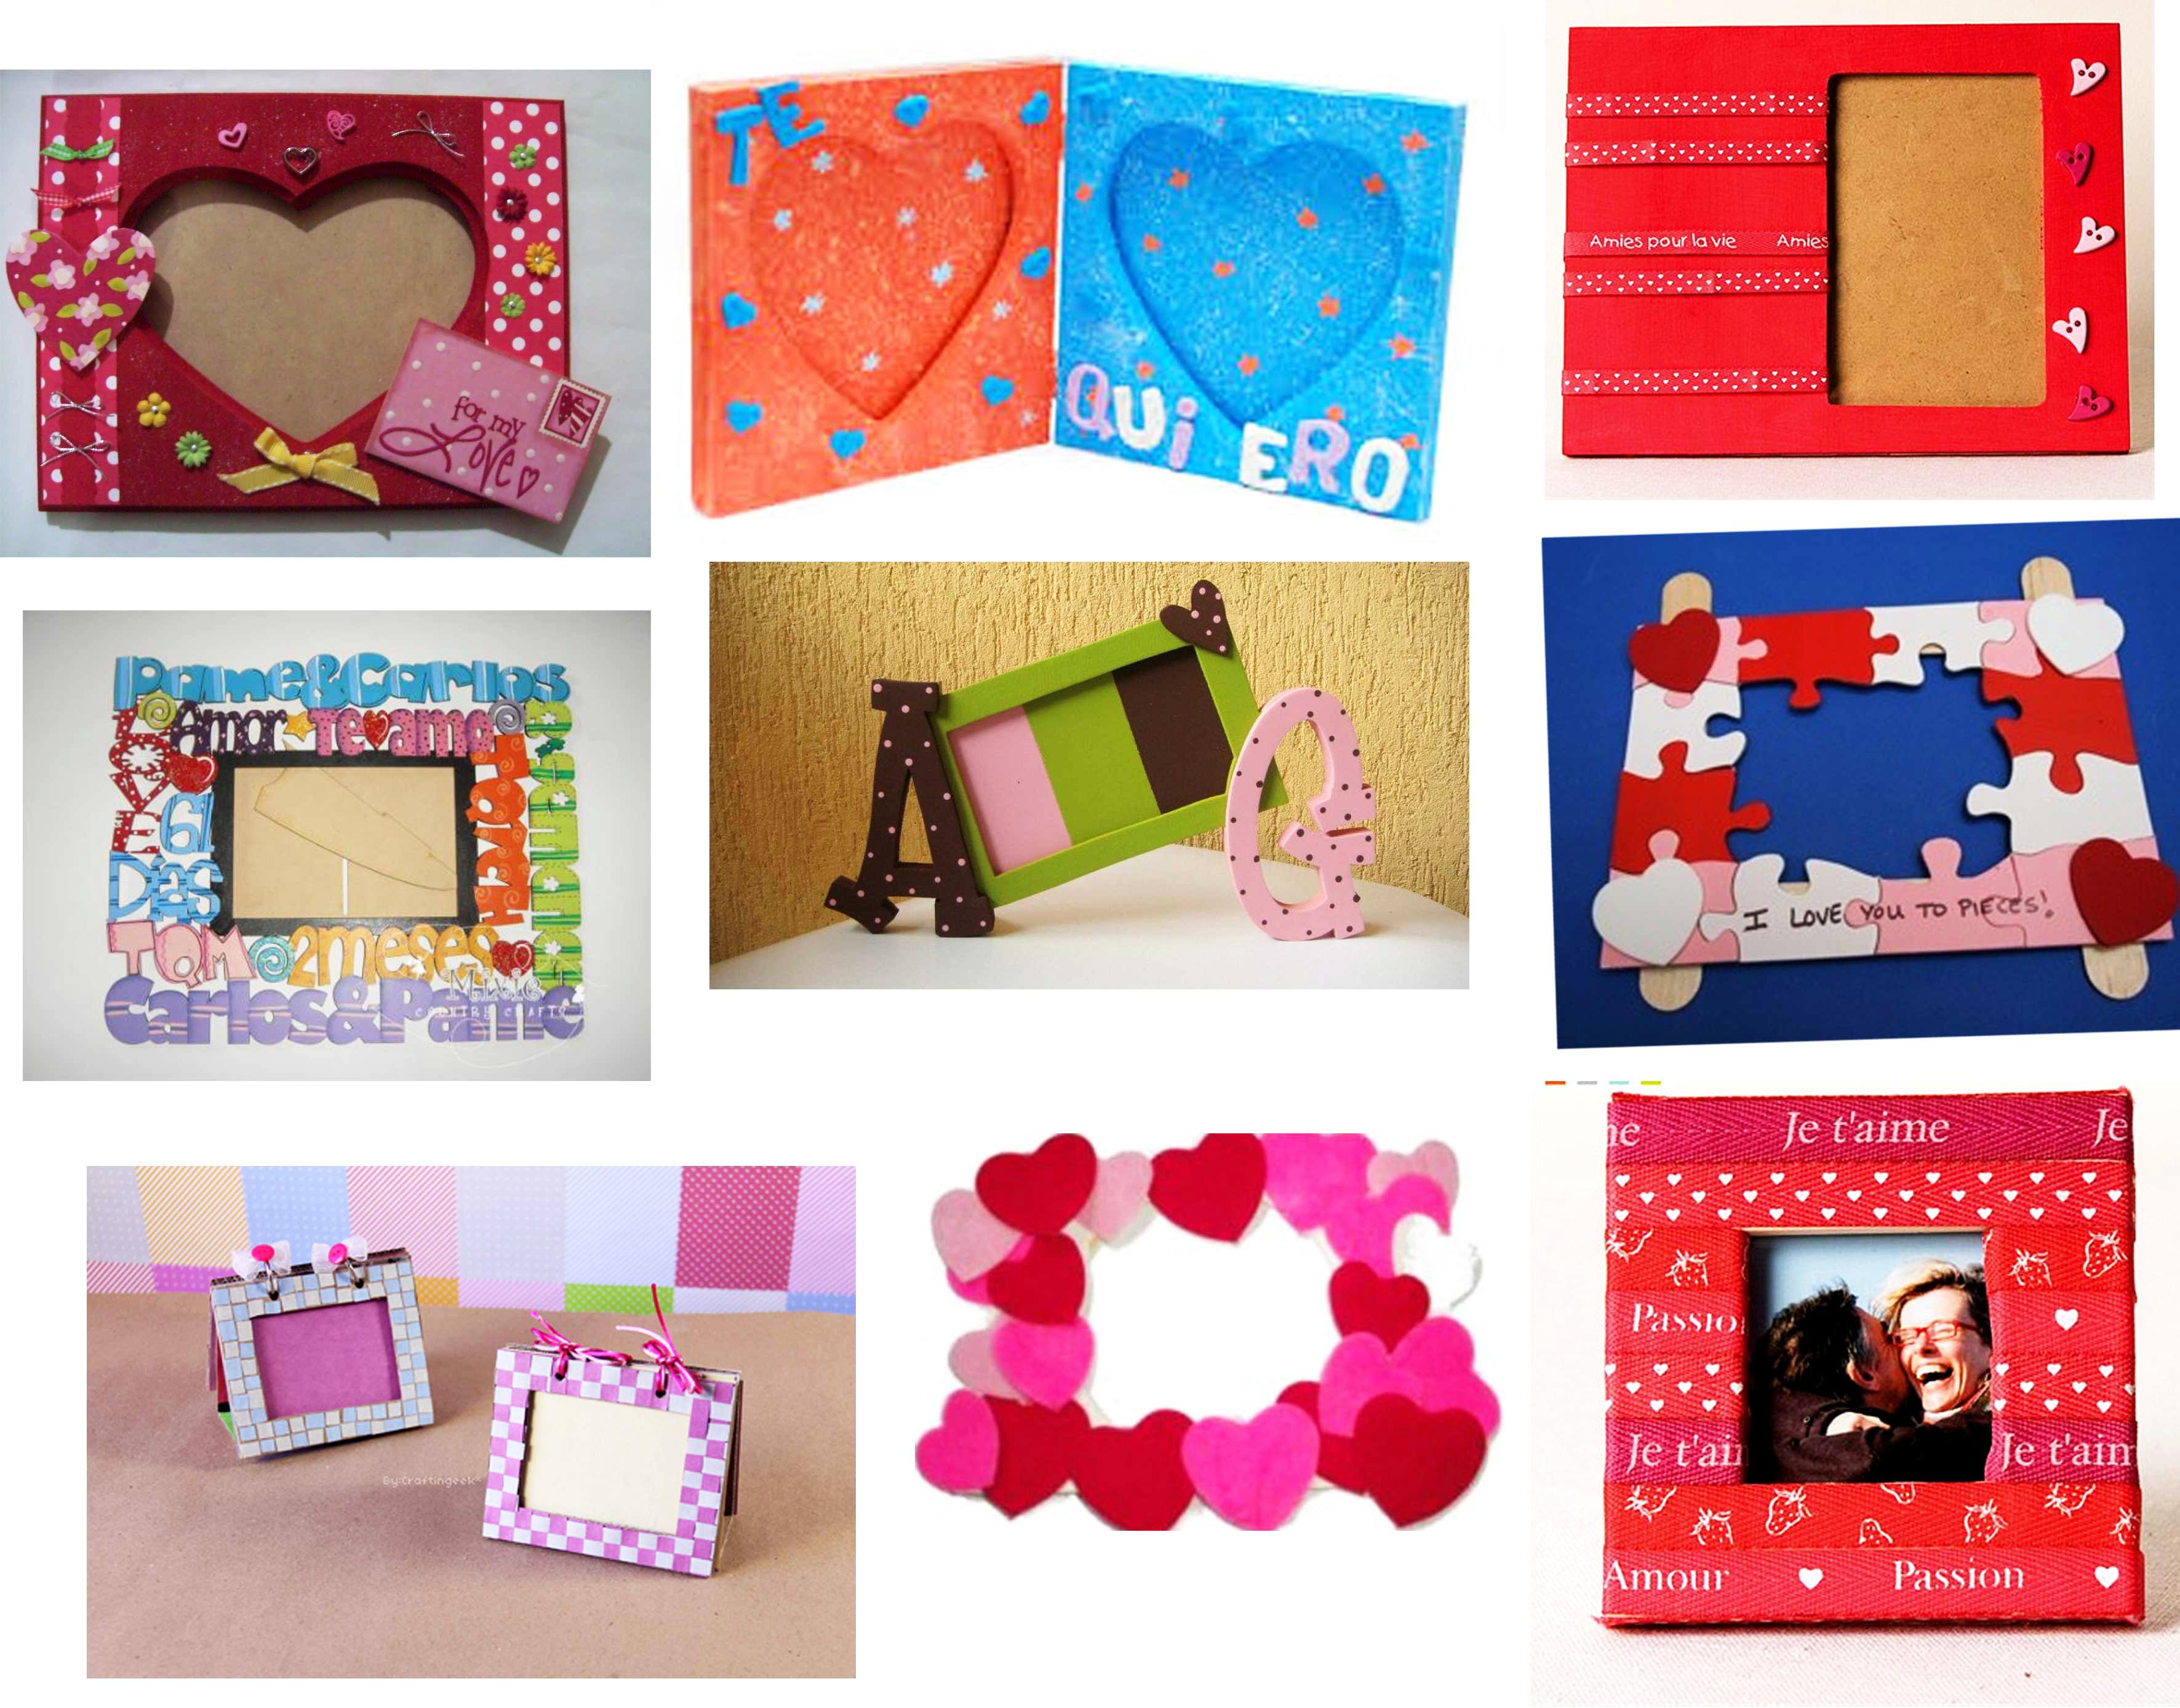 Puedes elegir el que más te guste, sólo basta con comprar una base de portarretrato, pintura, calcomanías, botones, sellos, fieltro y más para decorar como más te guste